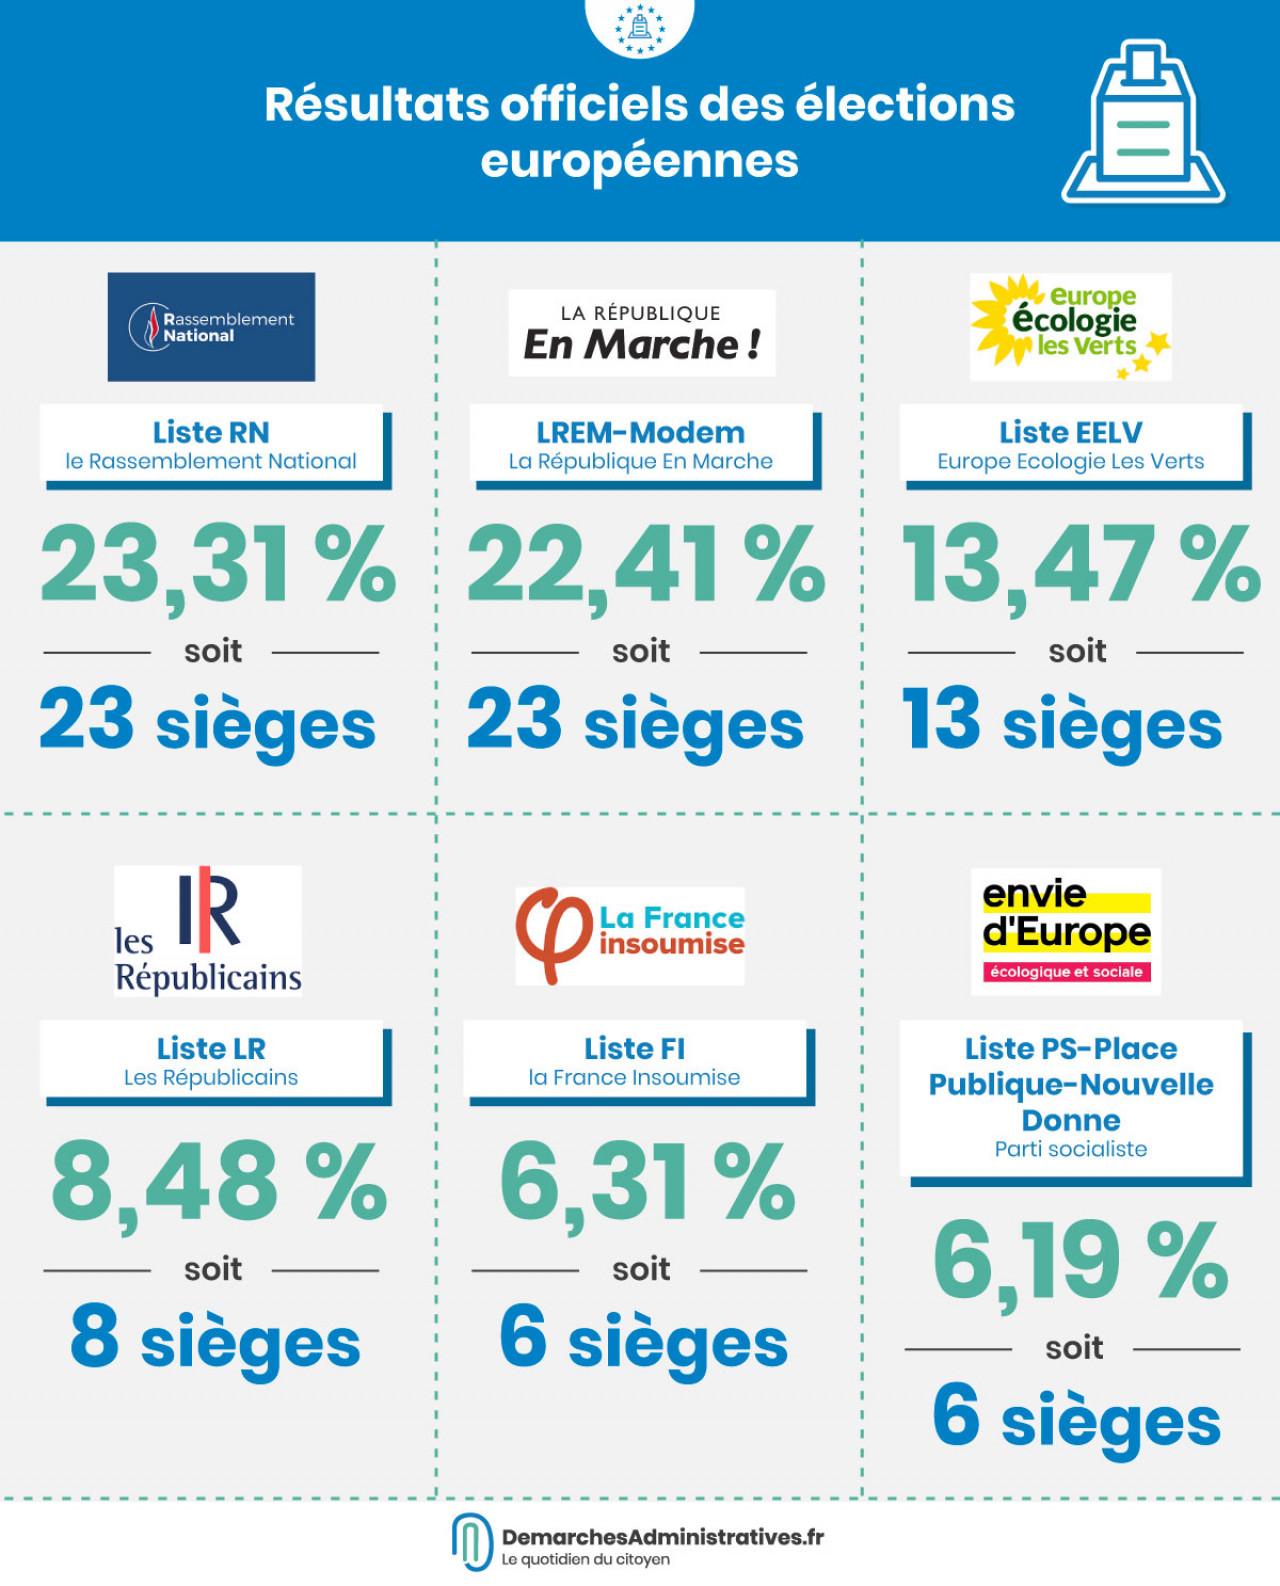 Résultats officiels des élections européennes